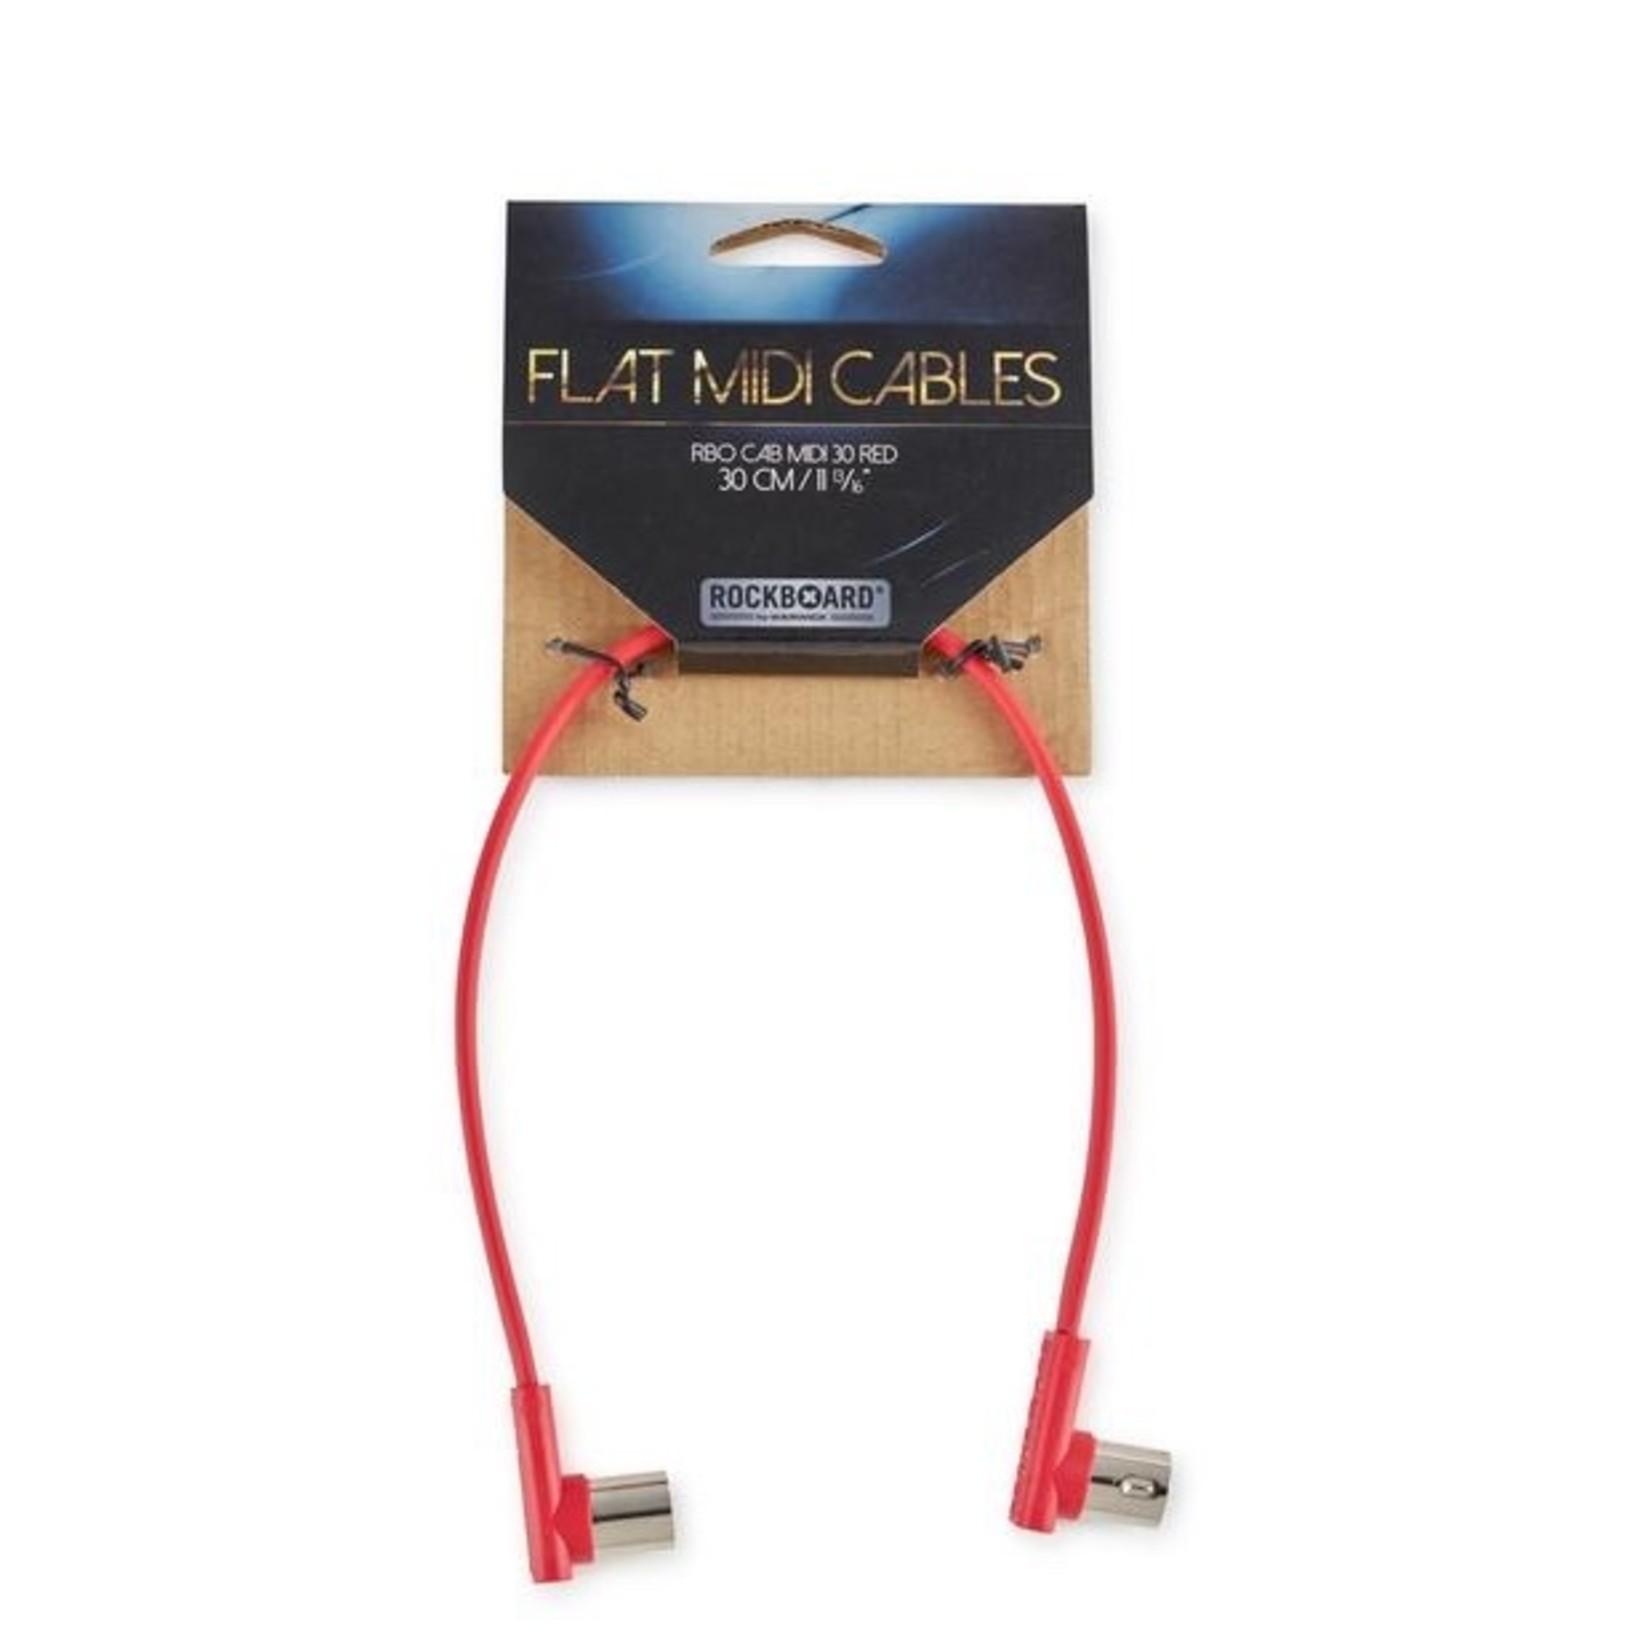 """Rockboard Rockboard Flat MIDI Cable - 30 cm (11 13/16""""), Red , Angled Plugs"""